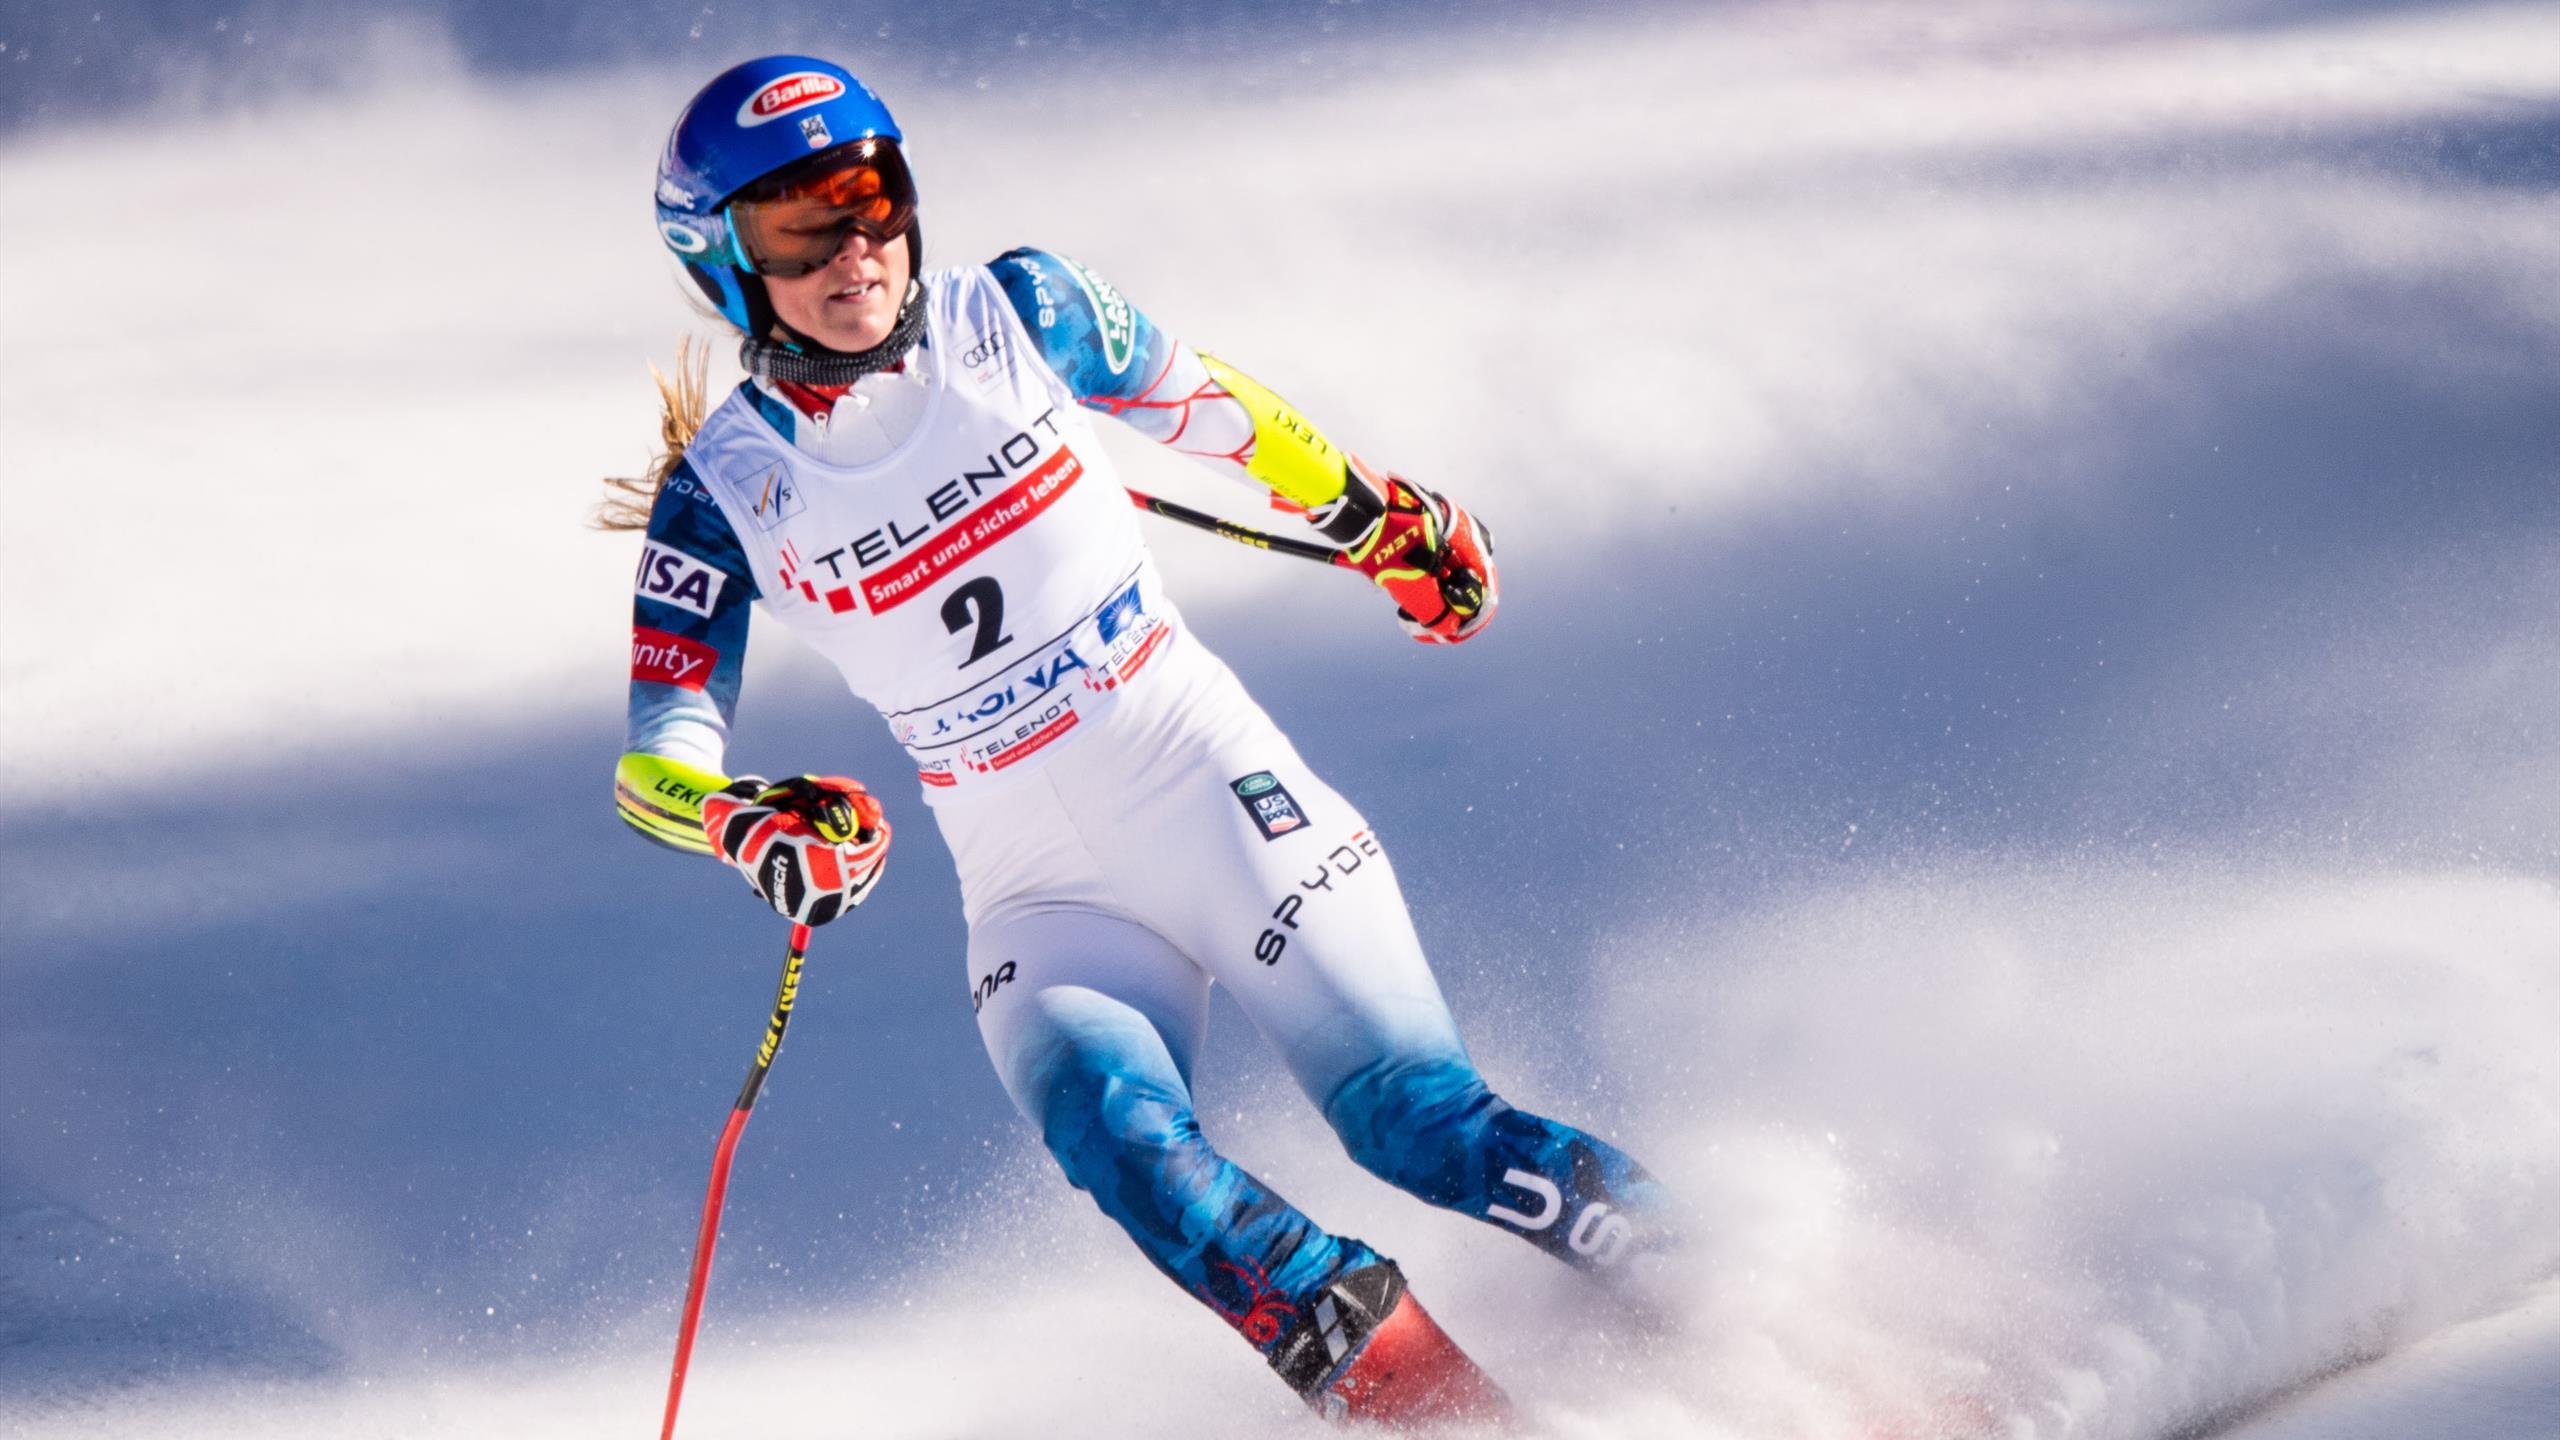 Mikaela Shiffrin tobt nach Sieg von Petra Vlhova im Riesenslalom von Jasna - Kritik an Organisatoren - Eurosport DE